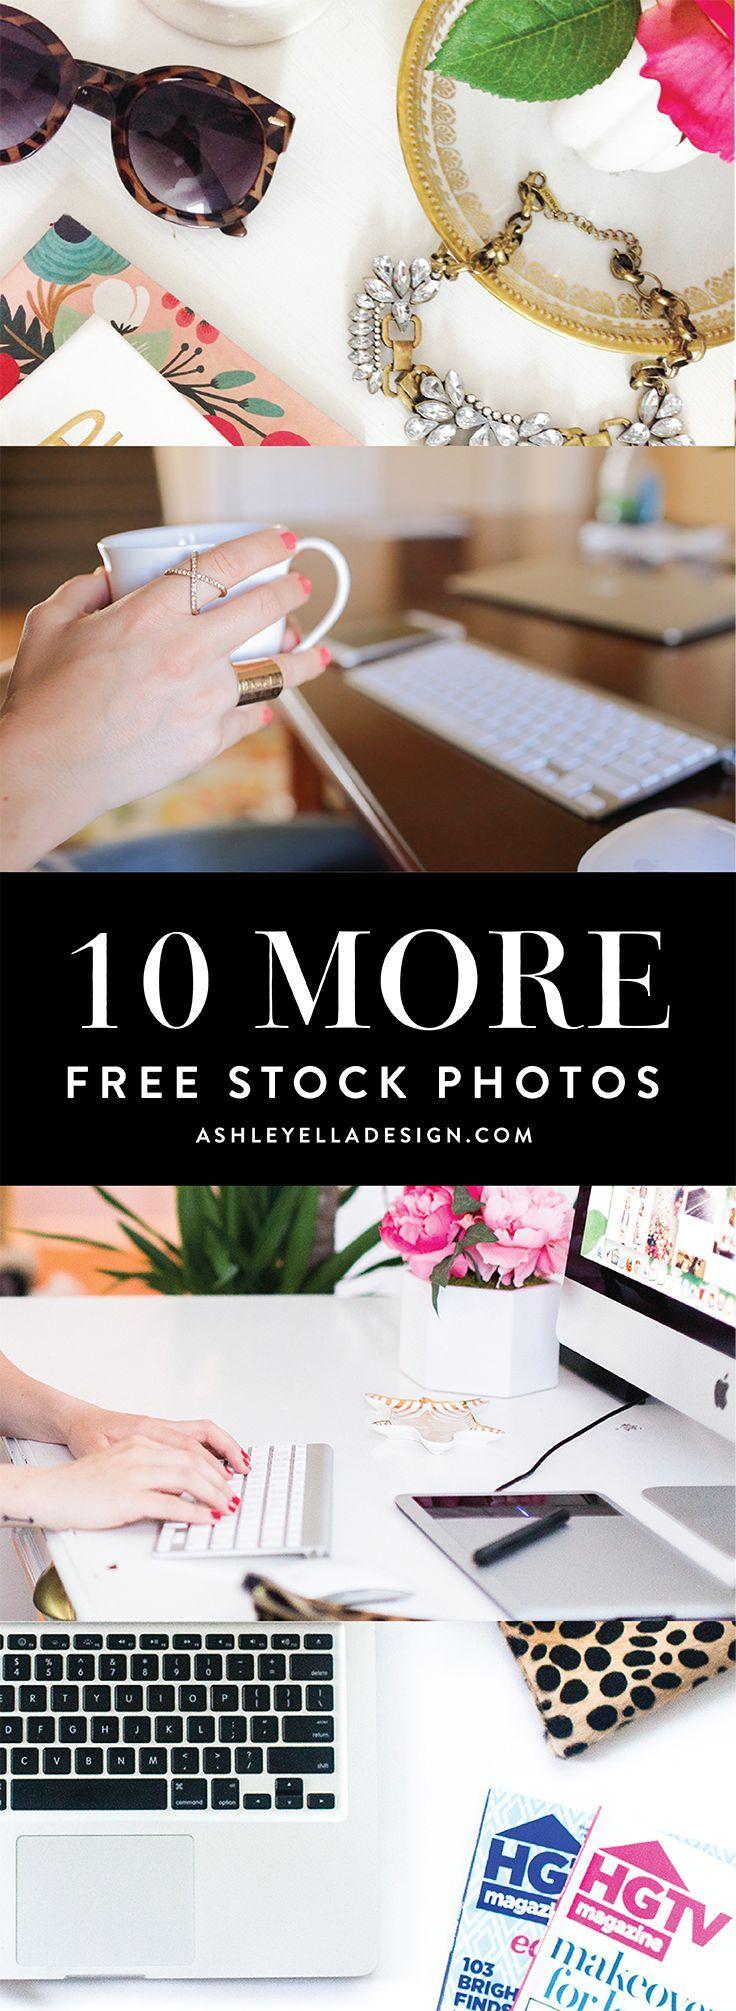 Photographystockphoto photographystockimages photographystock picture - 10 More Free Stock Photos From Ashley Ella Design